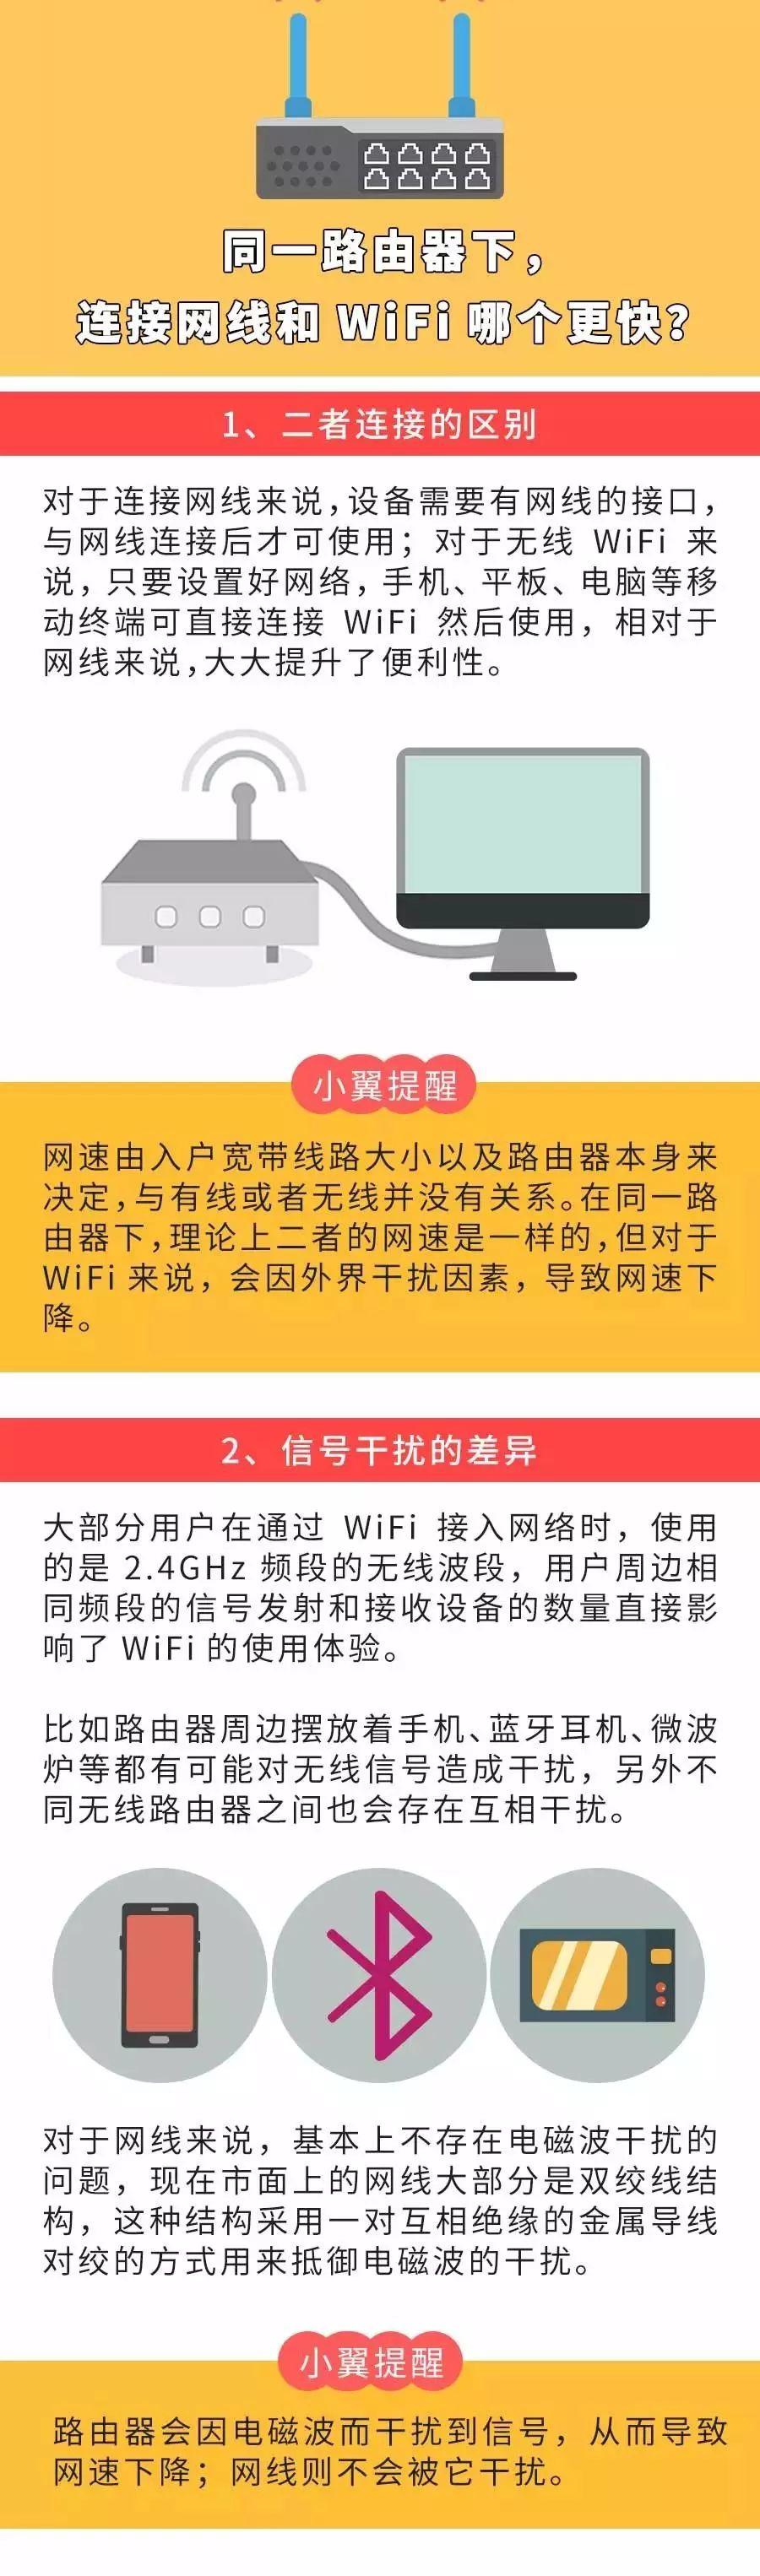 有线网络和WiFi,究竟哪个网速更快?